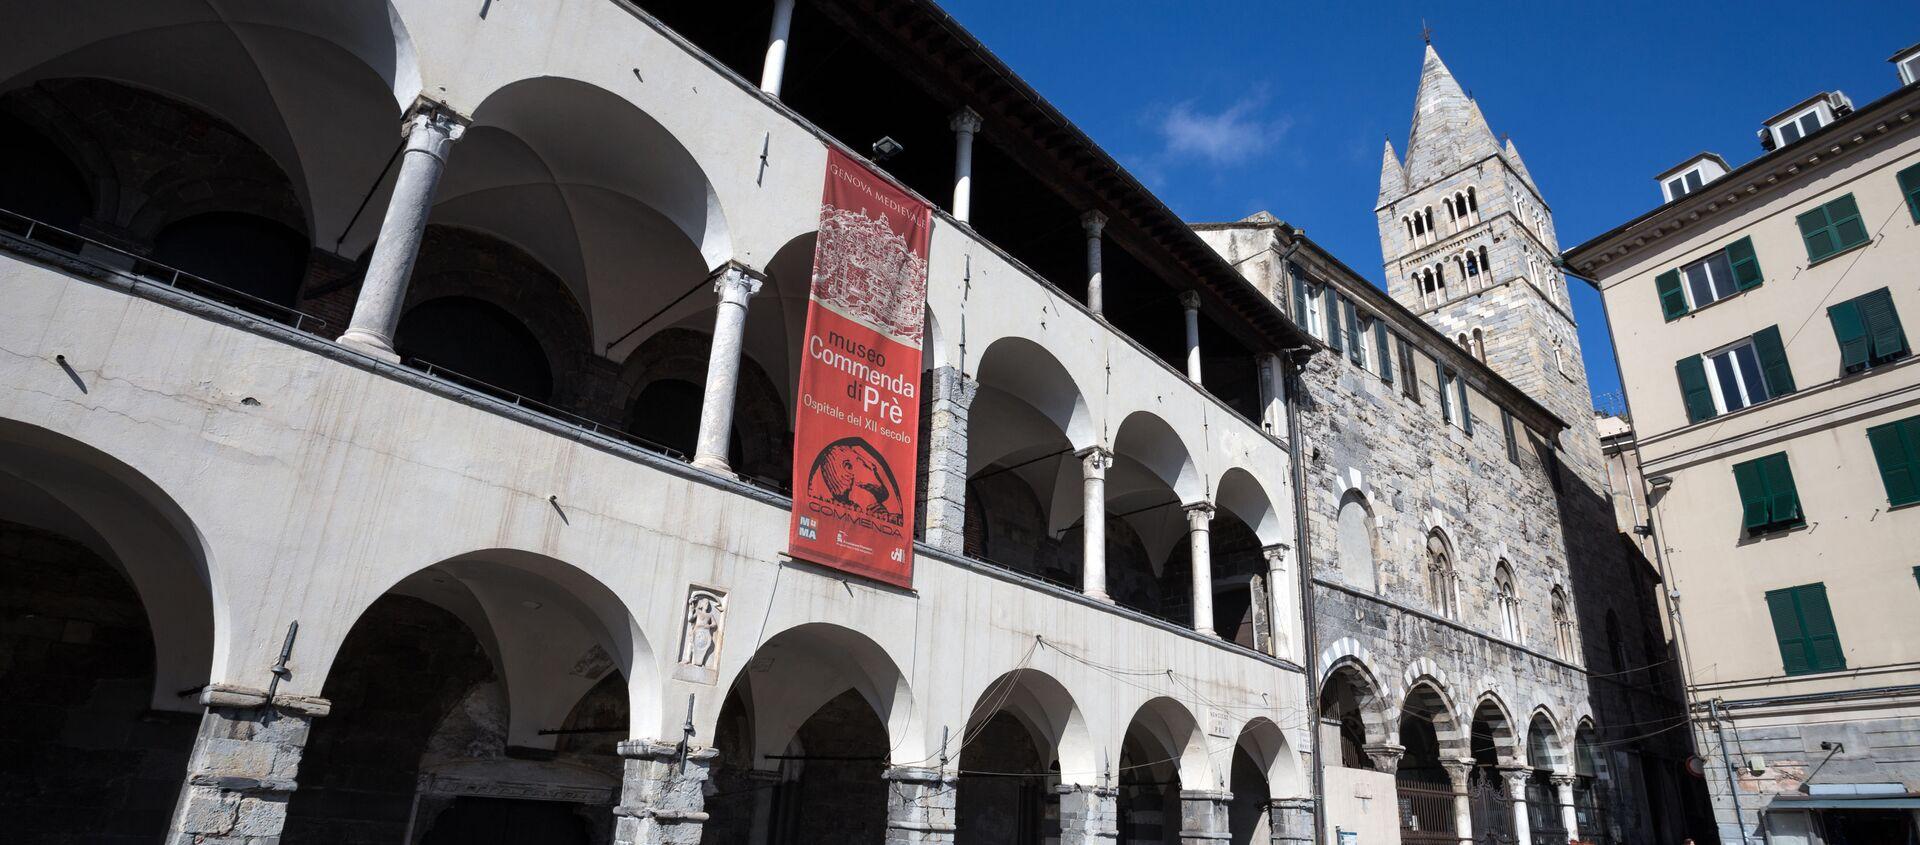 Edificio La Commenda di Pre a Genova che ospiterà il futuro museo dell'emigrazione italiana - Sputnik Italia, 1920, 08.02.2021